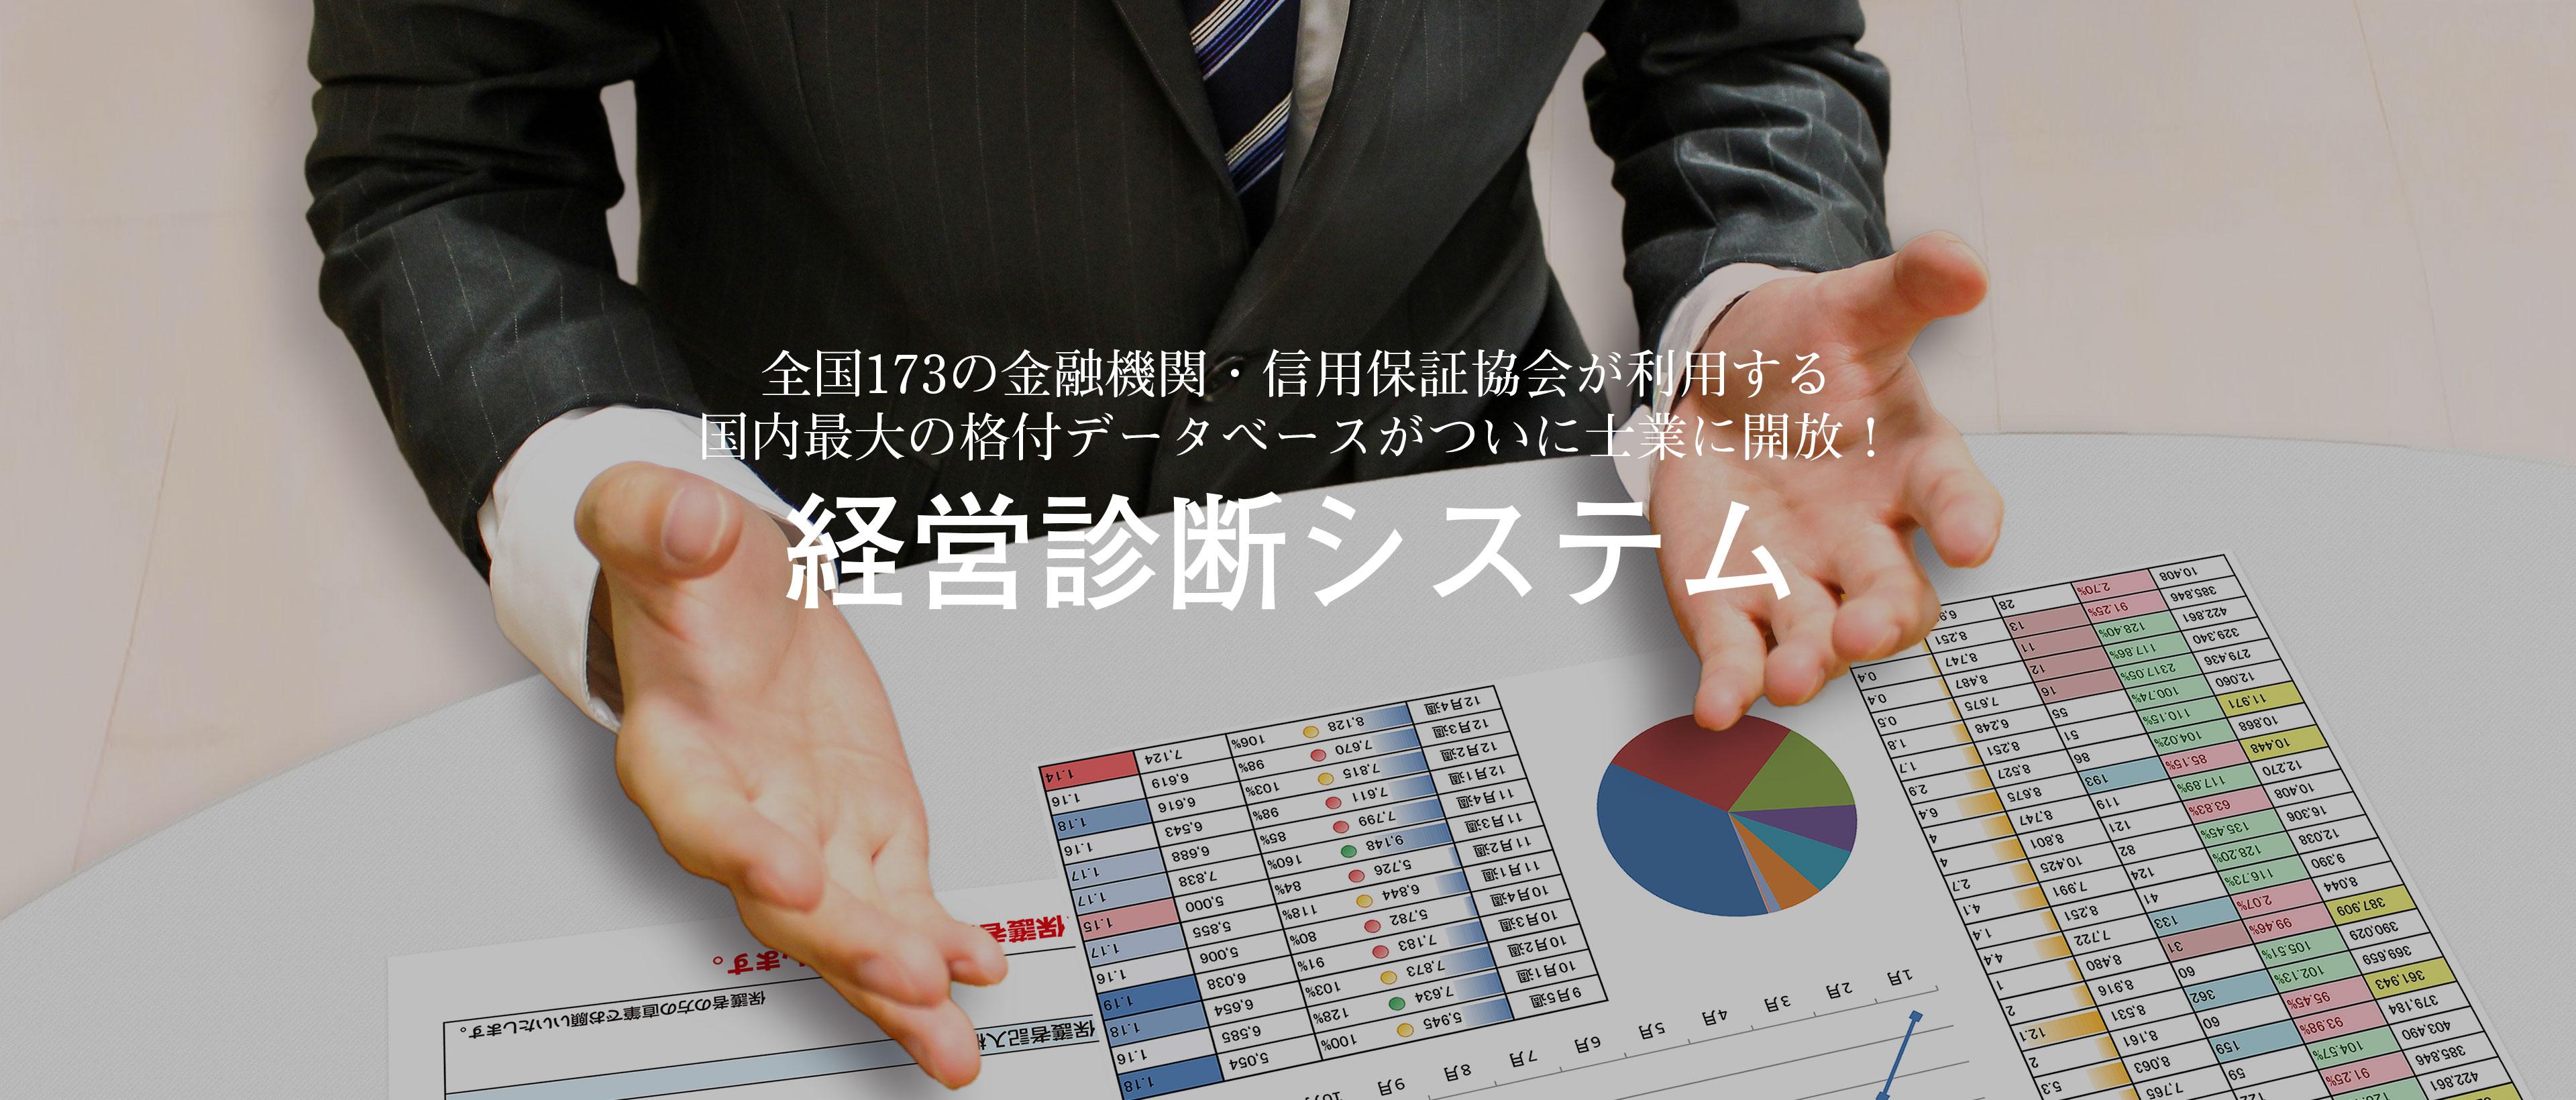 全国173の金融機関・信用保証協会が利用する国内最大の格付データベースがついに士業に開放!経営診断システムあなたの会社の借入金利は高くありませんか?手形借入、当座借越という資金調達の方法をご存知ですか?